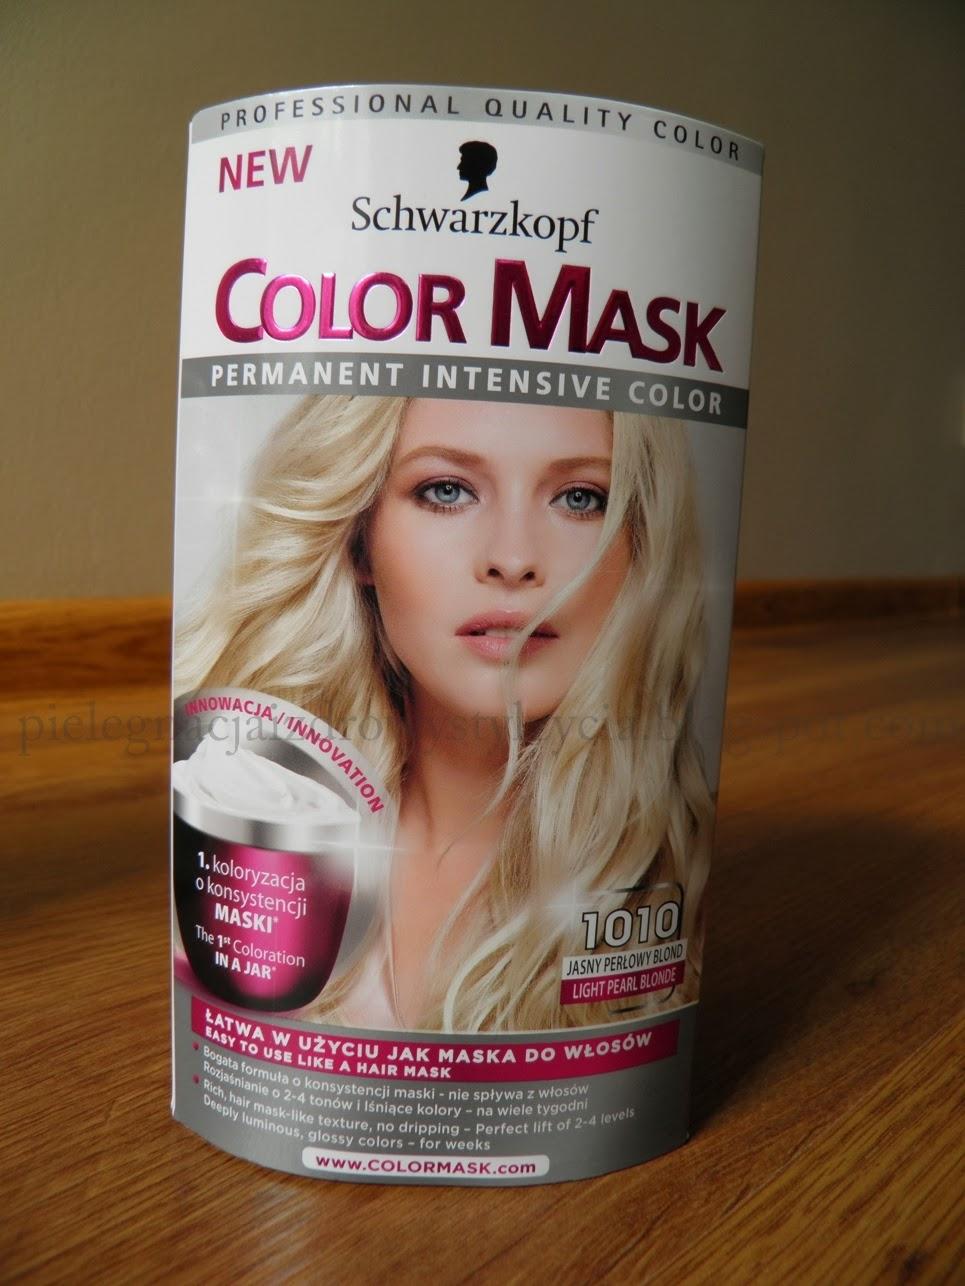 Schwarzkopf Color Mask 1010 jasny, perłowy blond - efekty koloryzacji i pierwsze wrażenia